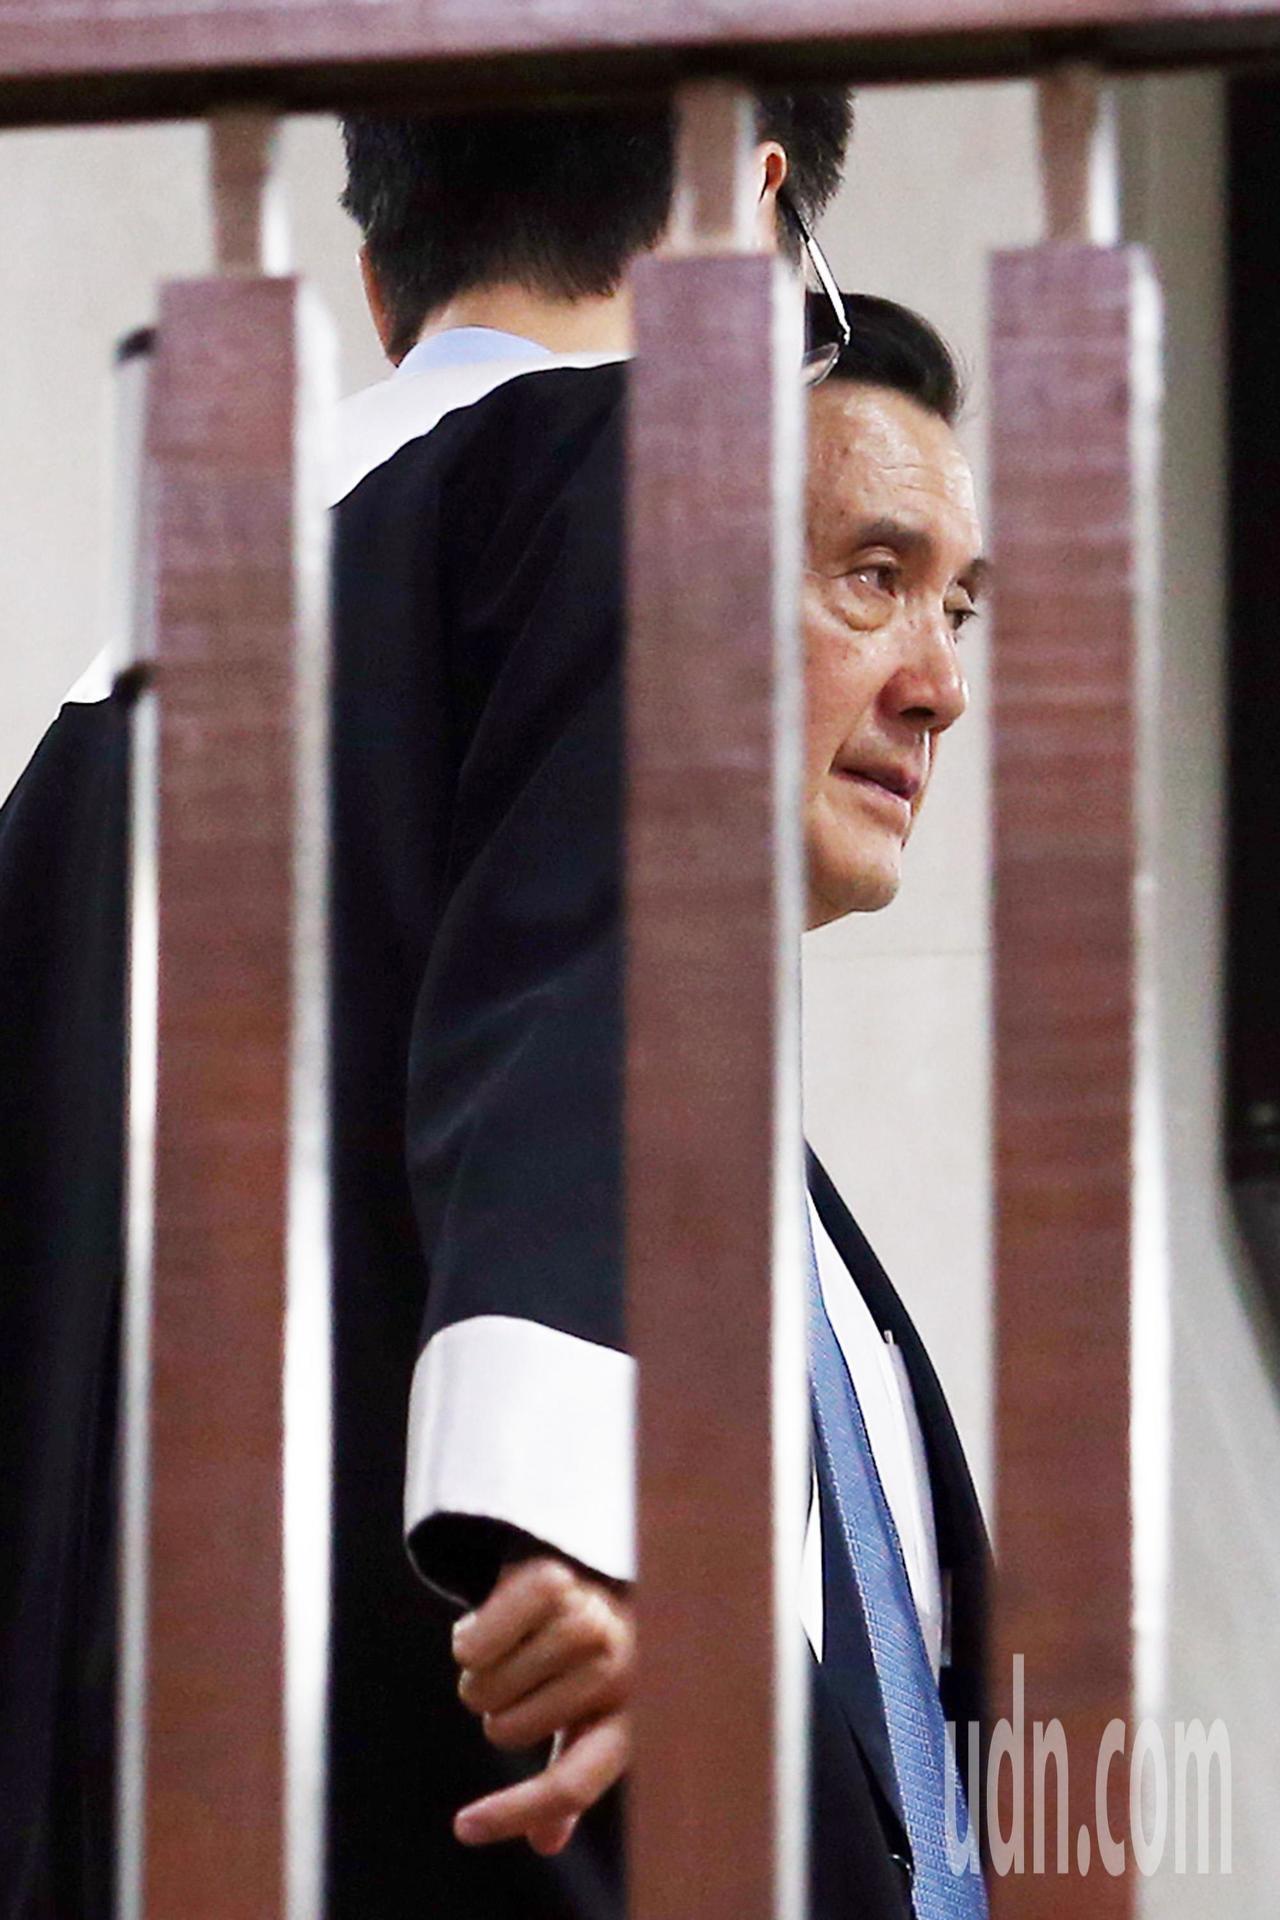 台北地檢署偵辦三中案及賤賣黨產案,上午首度以被告身分傳喚前總統馬英九出庭,庭訊直...